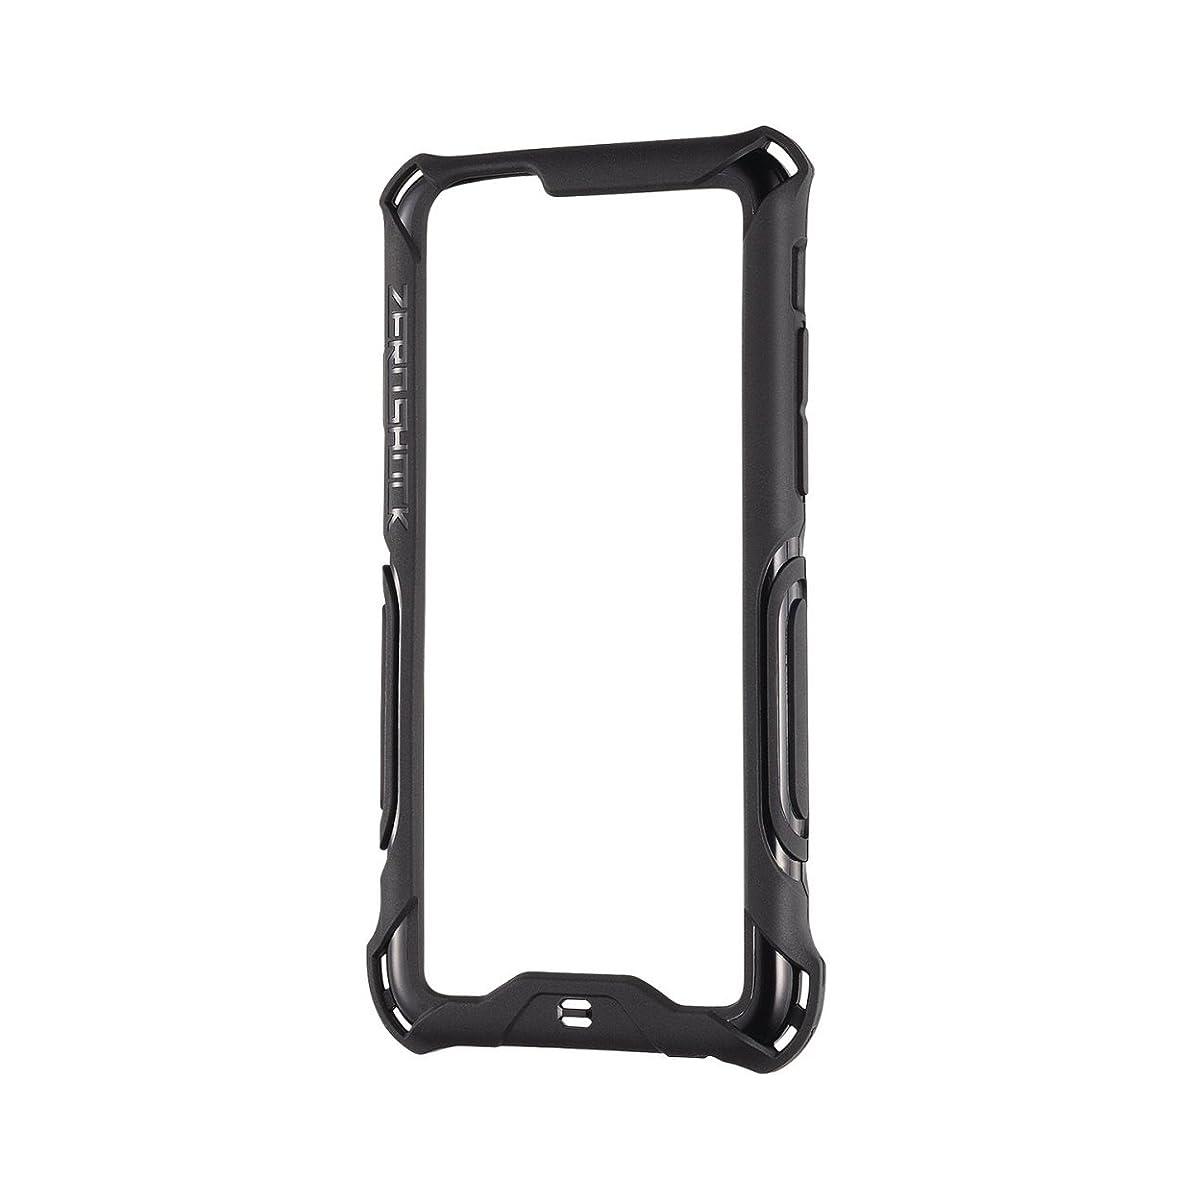 海藻生きるコートELECOM iPhone6S iPhone6 ZEROSHOCK ハイブリッドバンパー ブラック PM-A14ZEROBBK